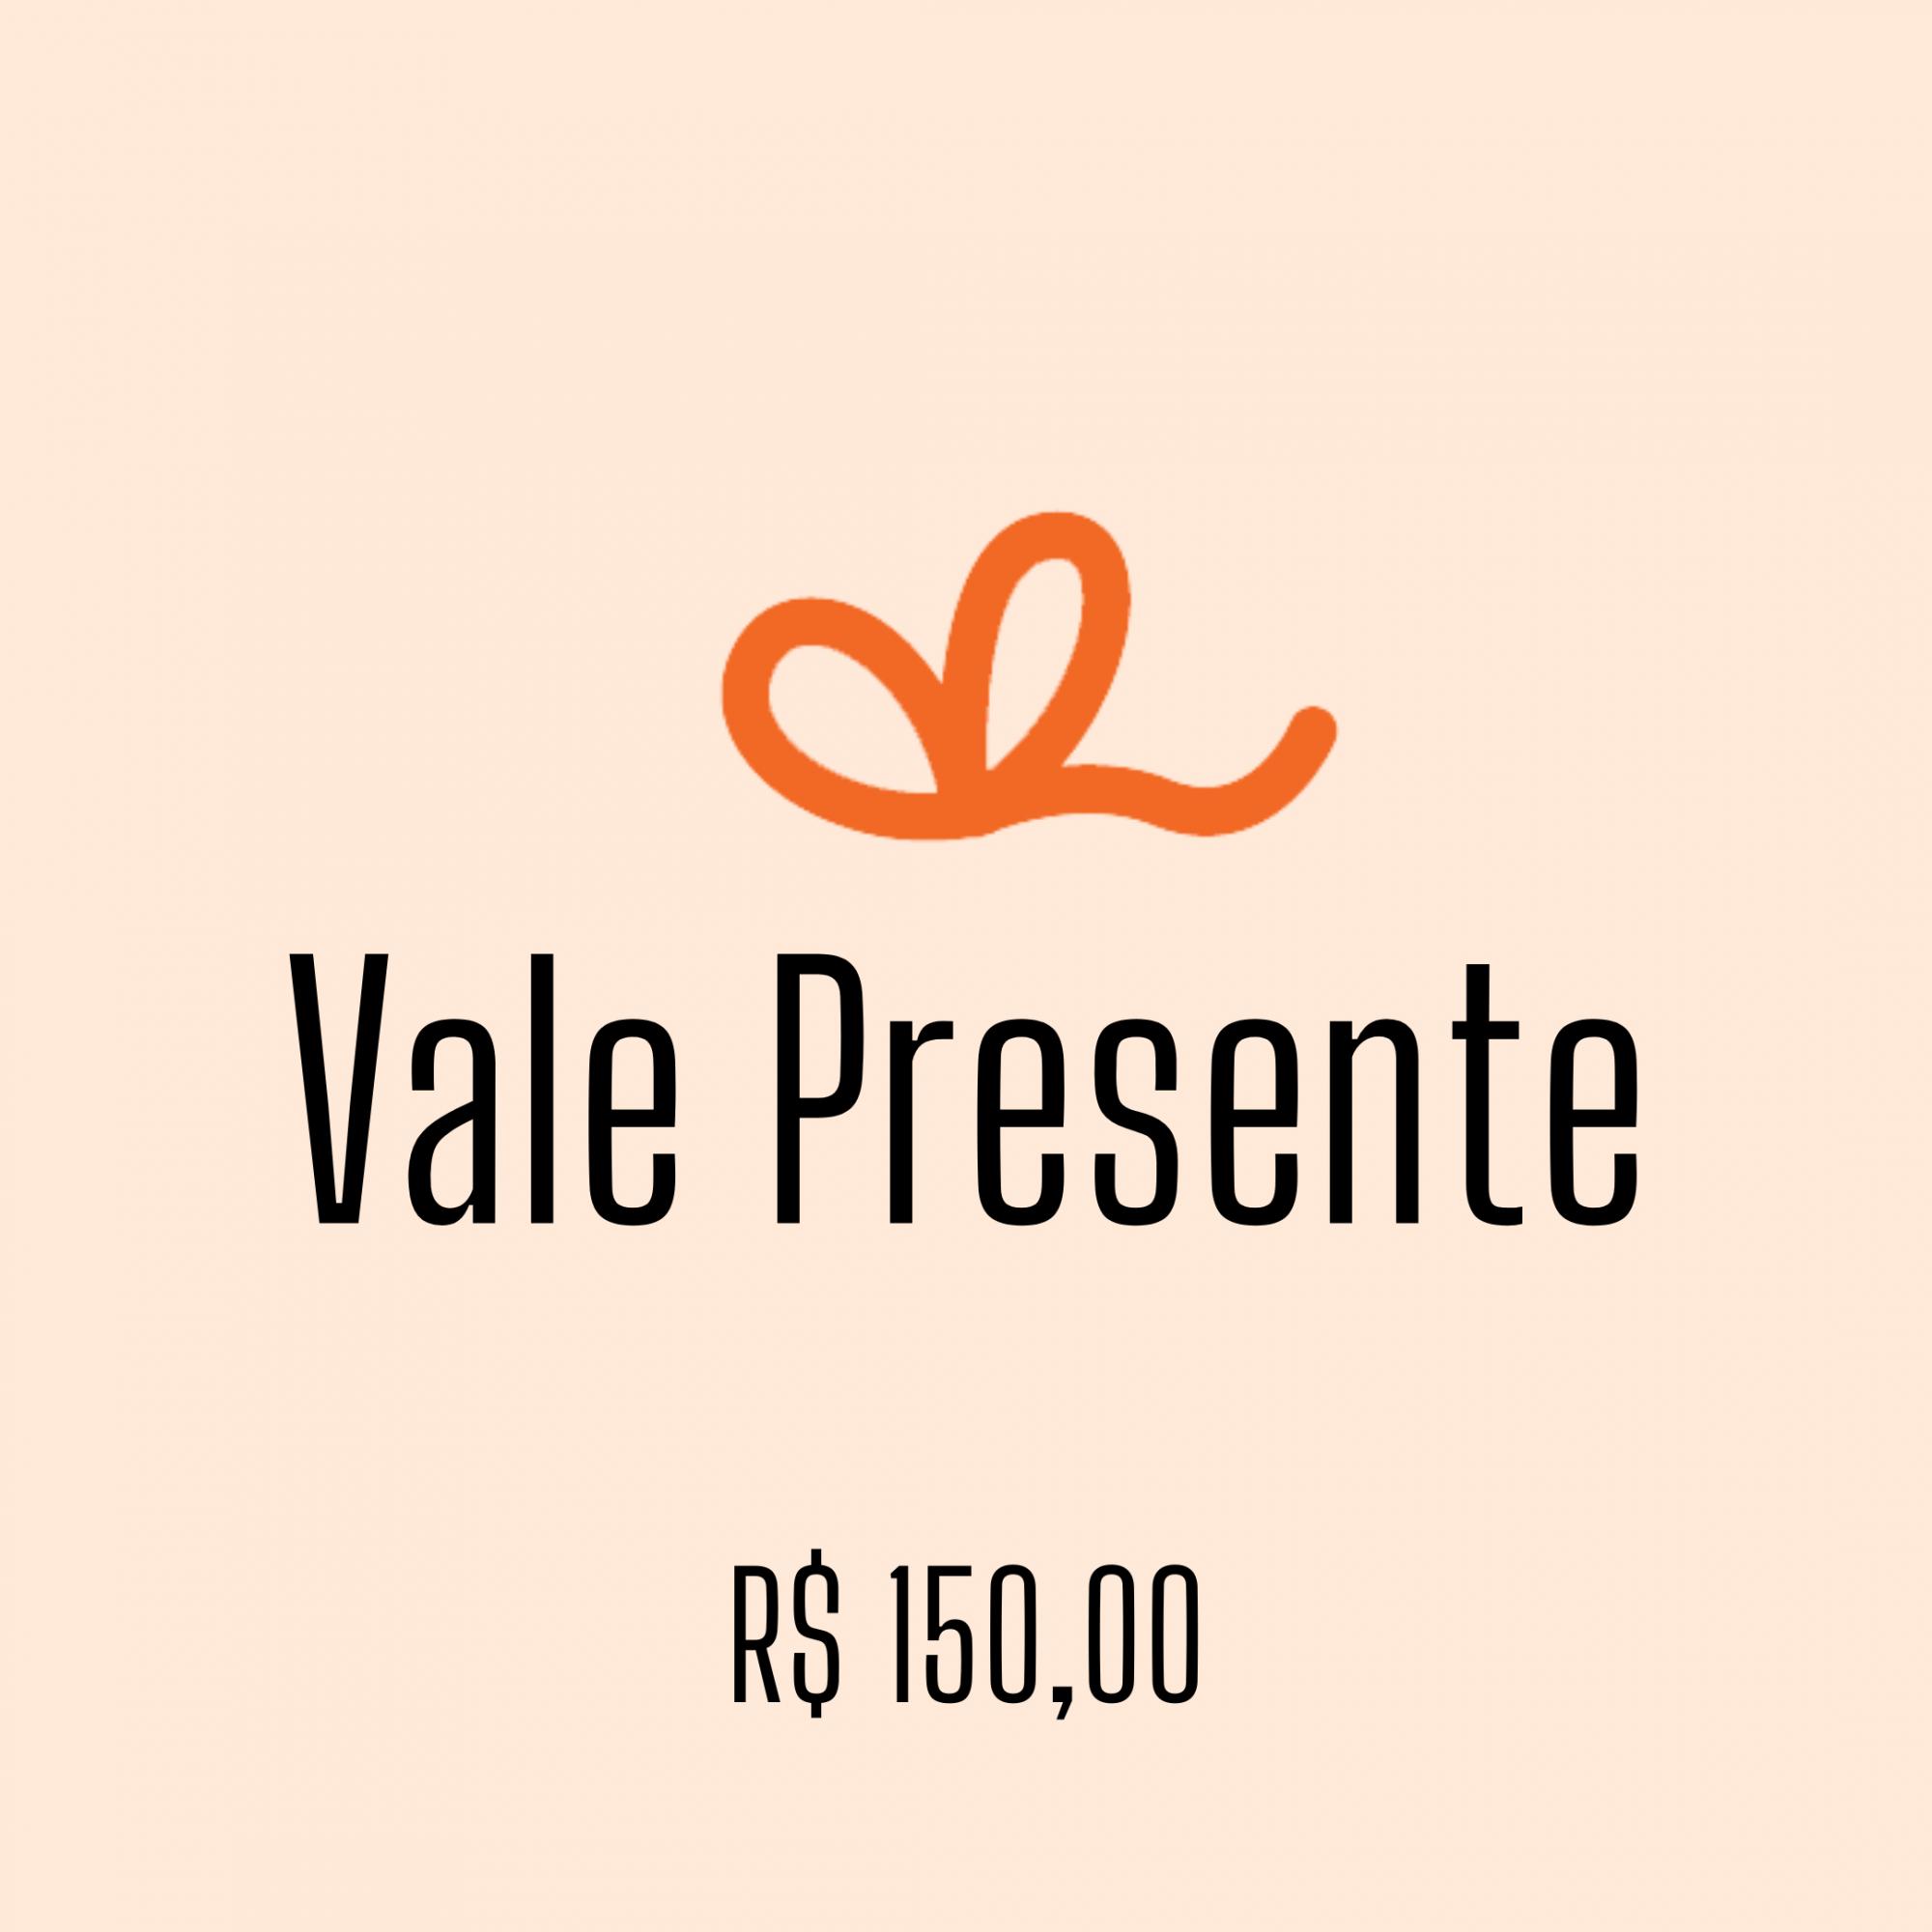 VALE PRESENTE DE R$150